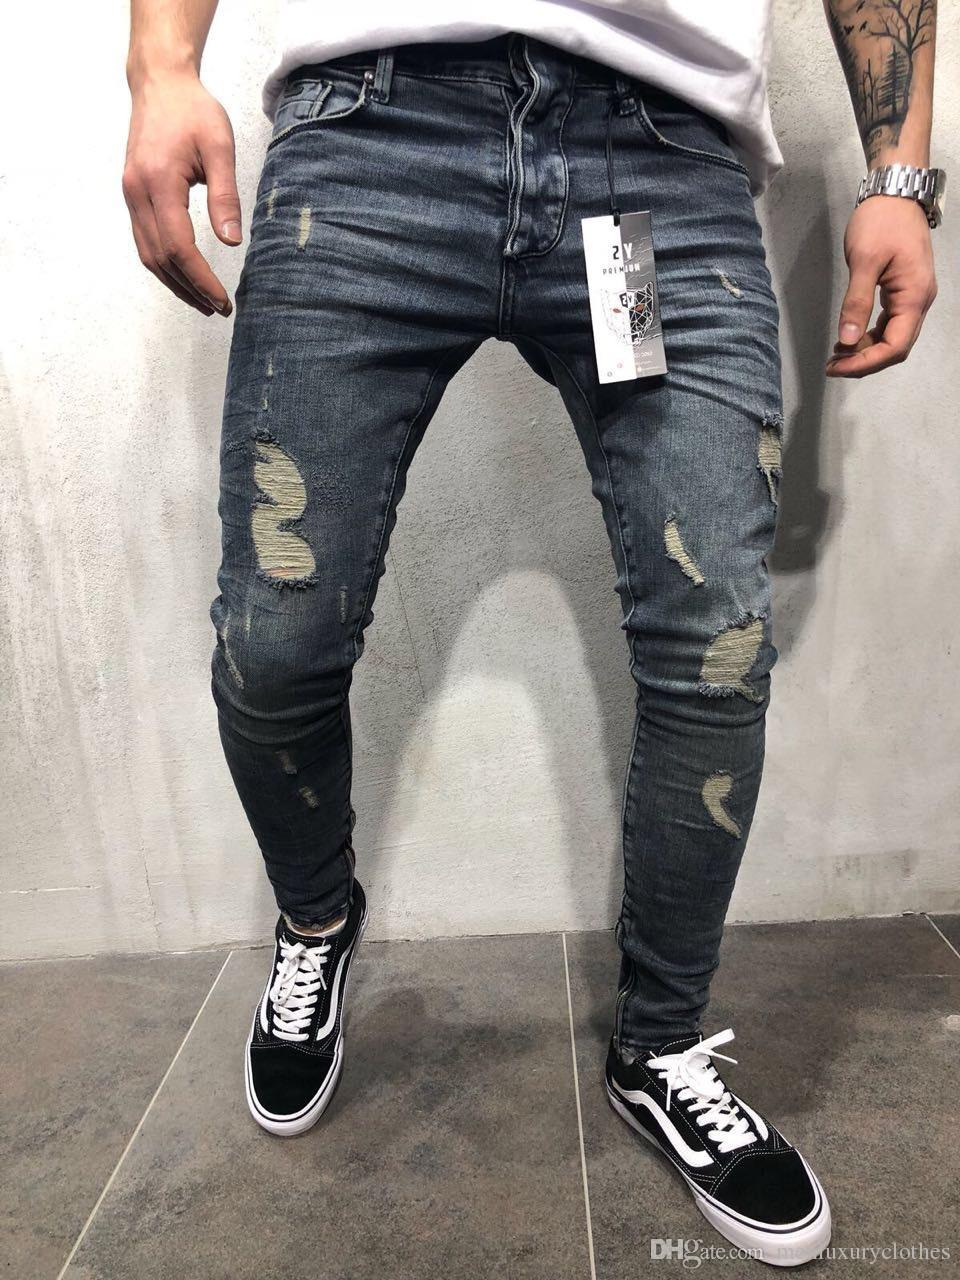 0f79fc5ddfaa High Street Slim Fit zerrissene Jeans für Herren Kleidung Hosen Pencil Jean  Pants Zipper Designer 2018